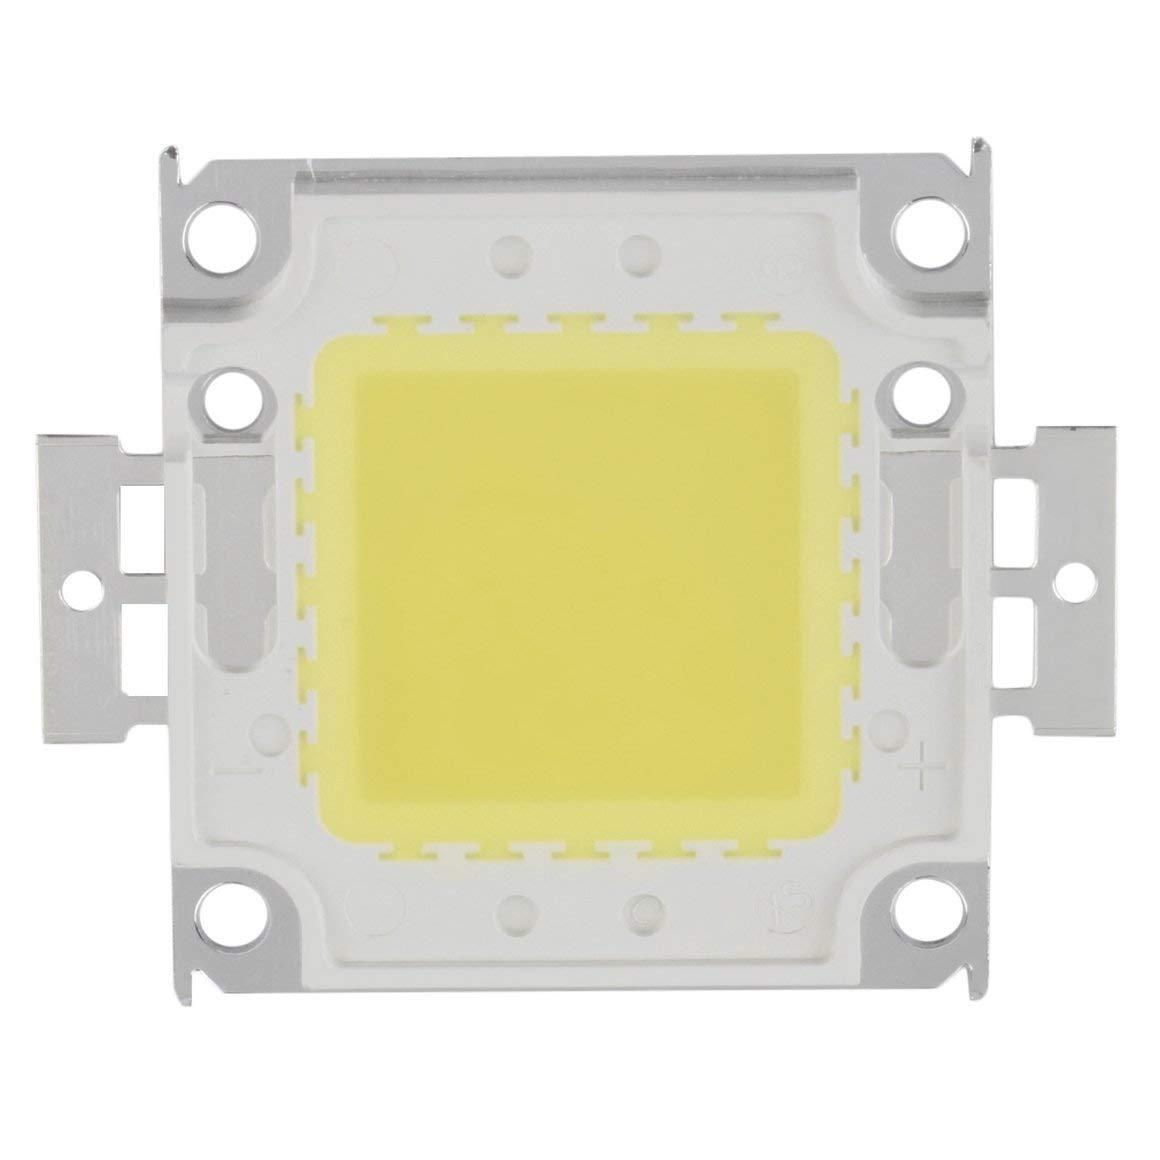 Blanco Funnyrunstore Aluminio Bajo Consumo Alto Brillo Blanco//C/álido Blanco RGB SMD Led Chip L/ámpara de luz de inundaci/ón Grano 50W 5000LM